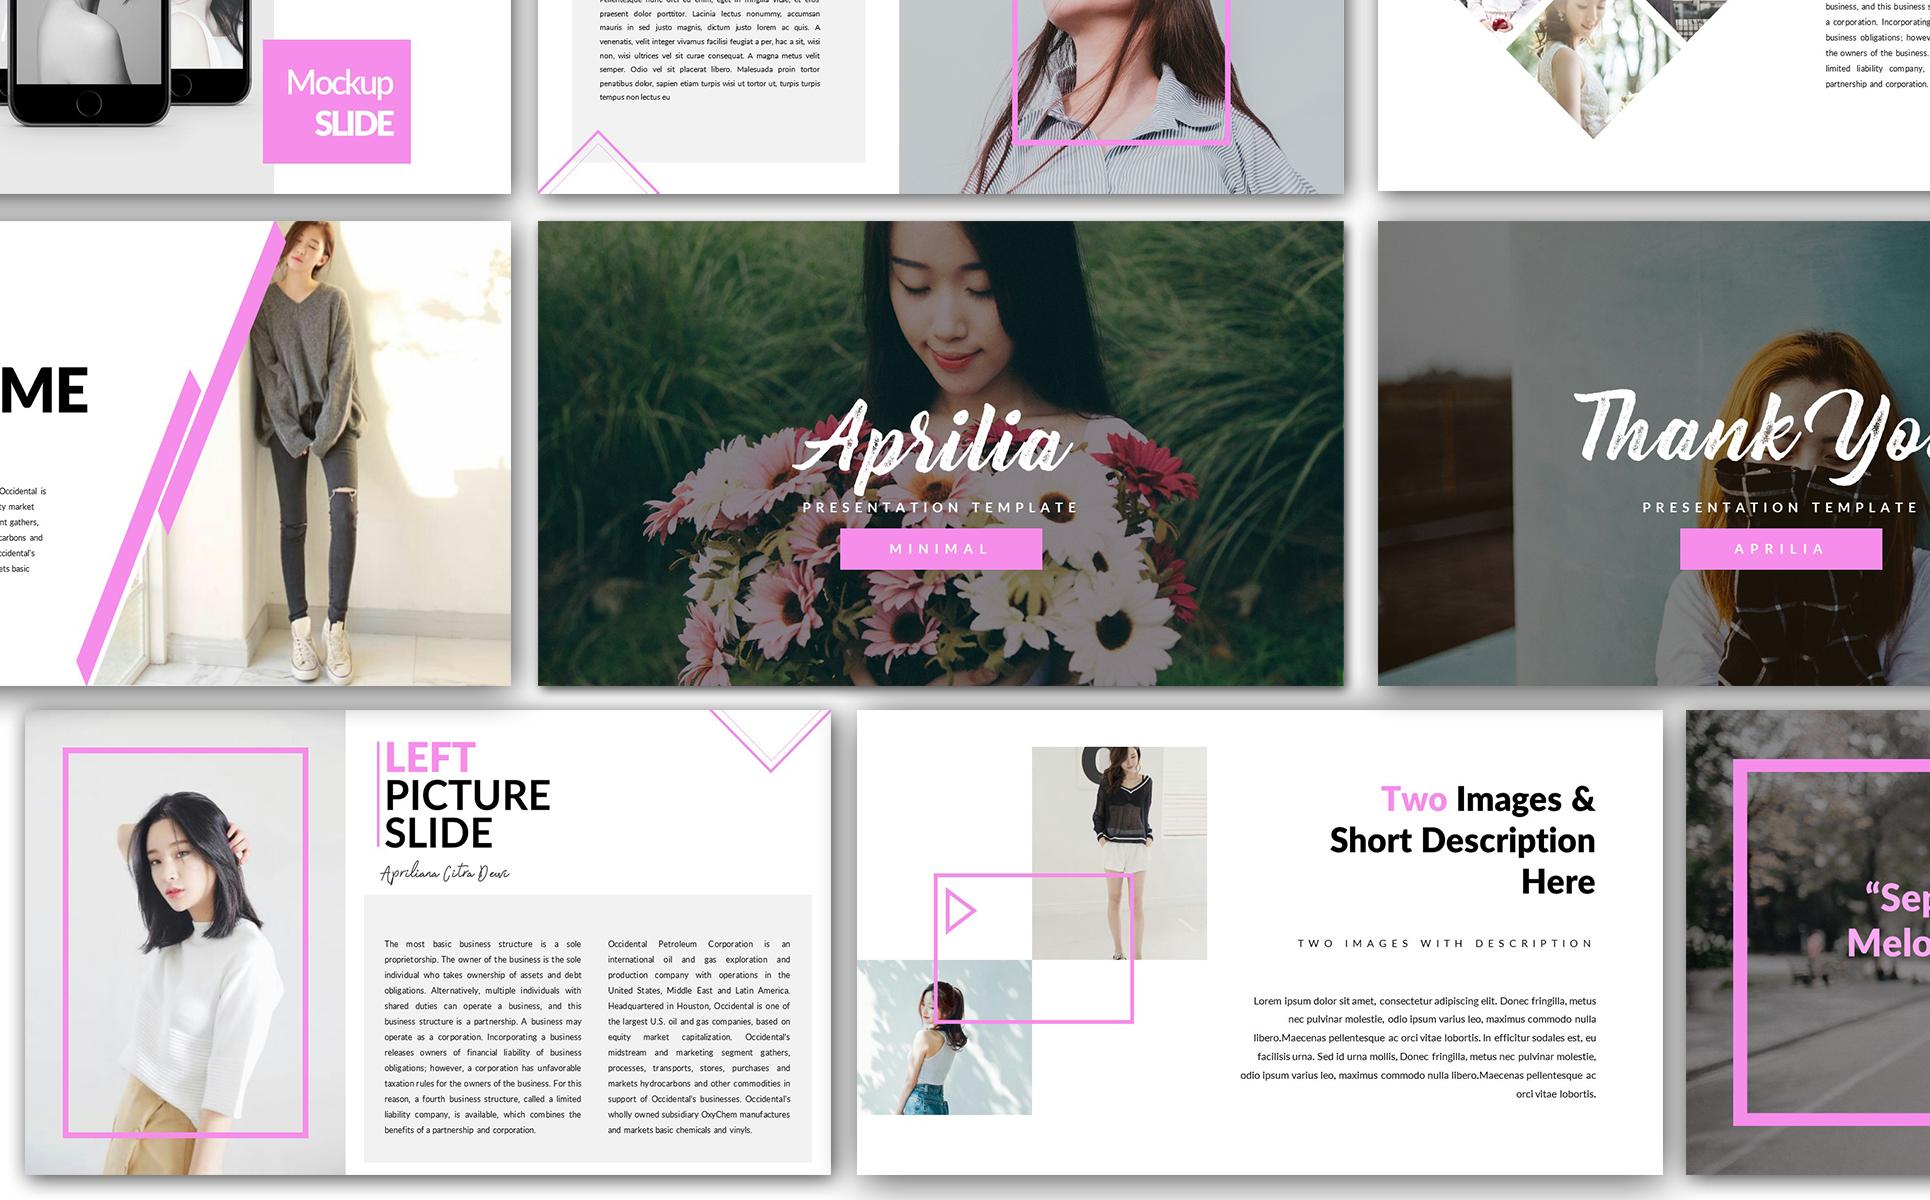 Plantilla Powerpoint 65898 Para Sitio De Moda # Los Muebles Powerpoint